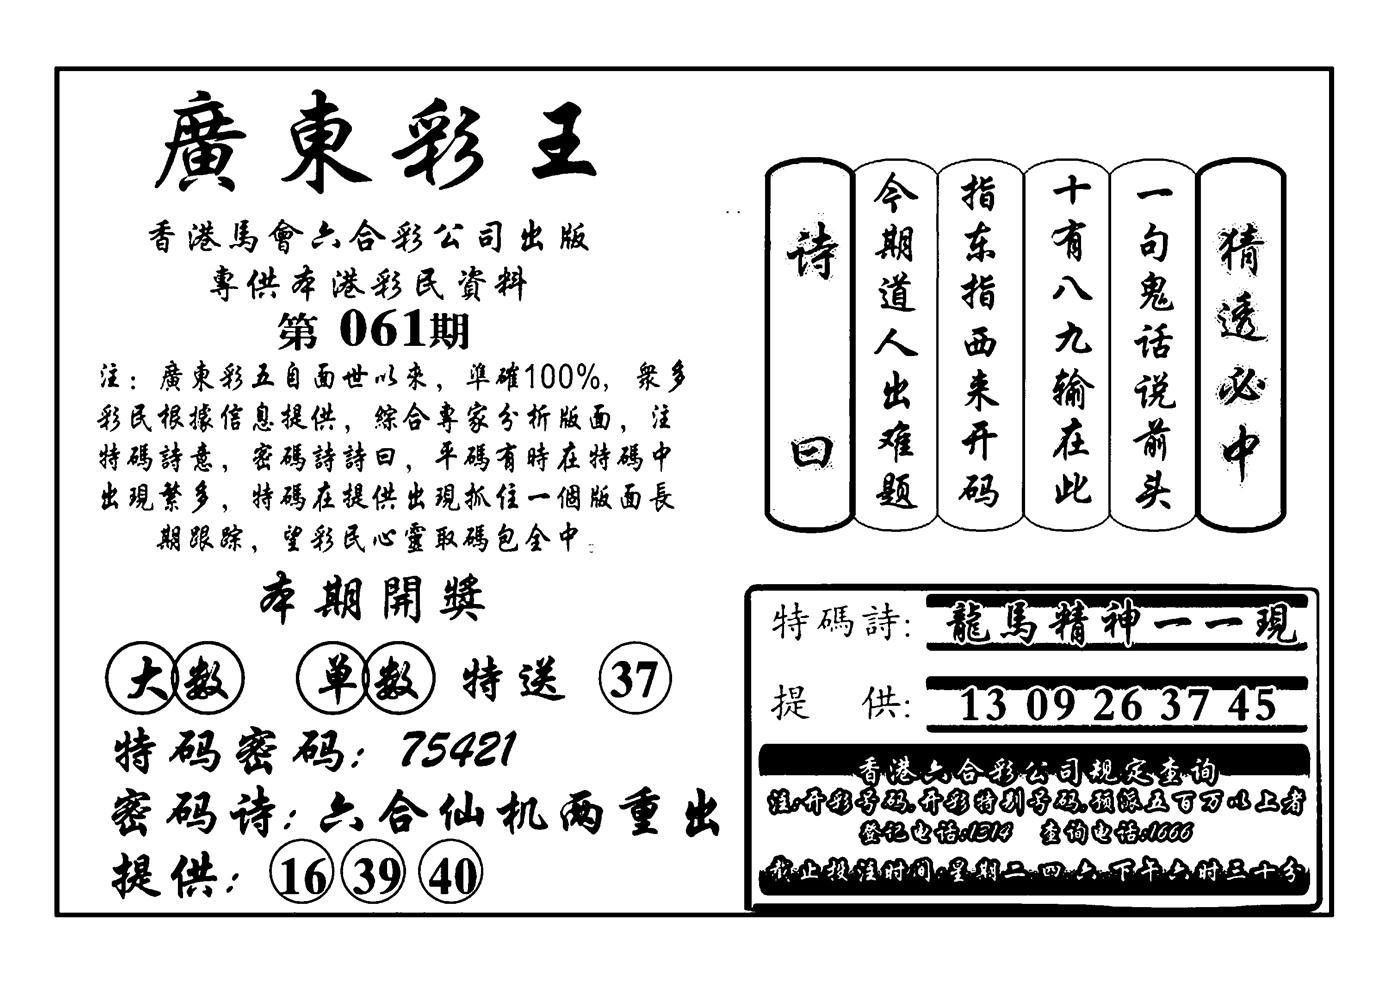 061期广东彩王(黑白)